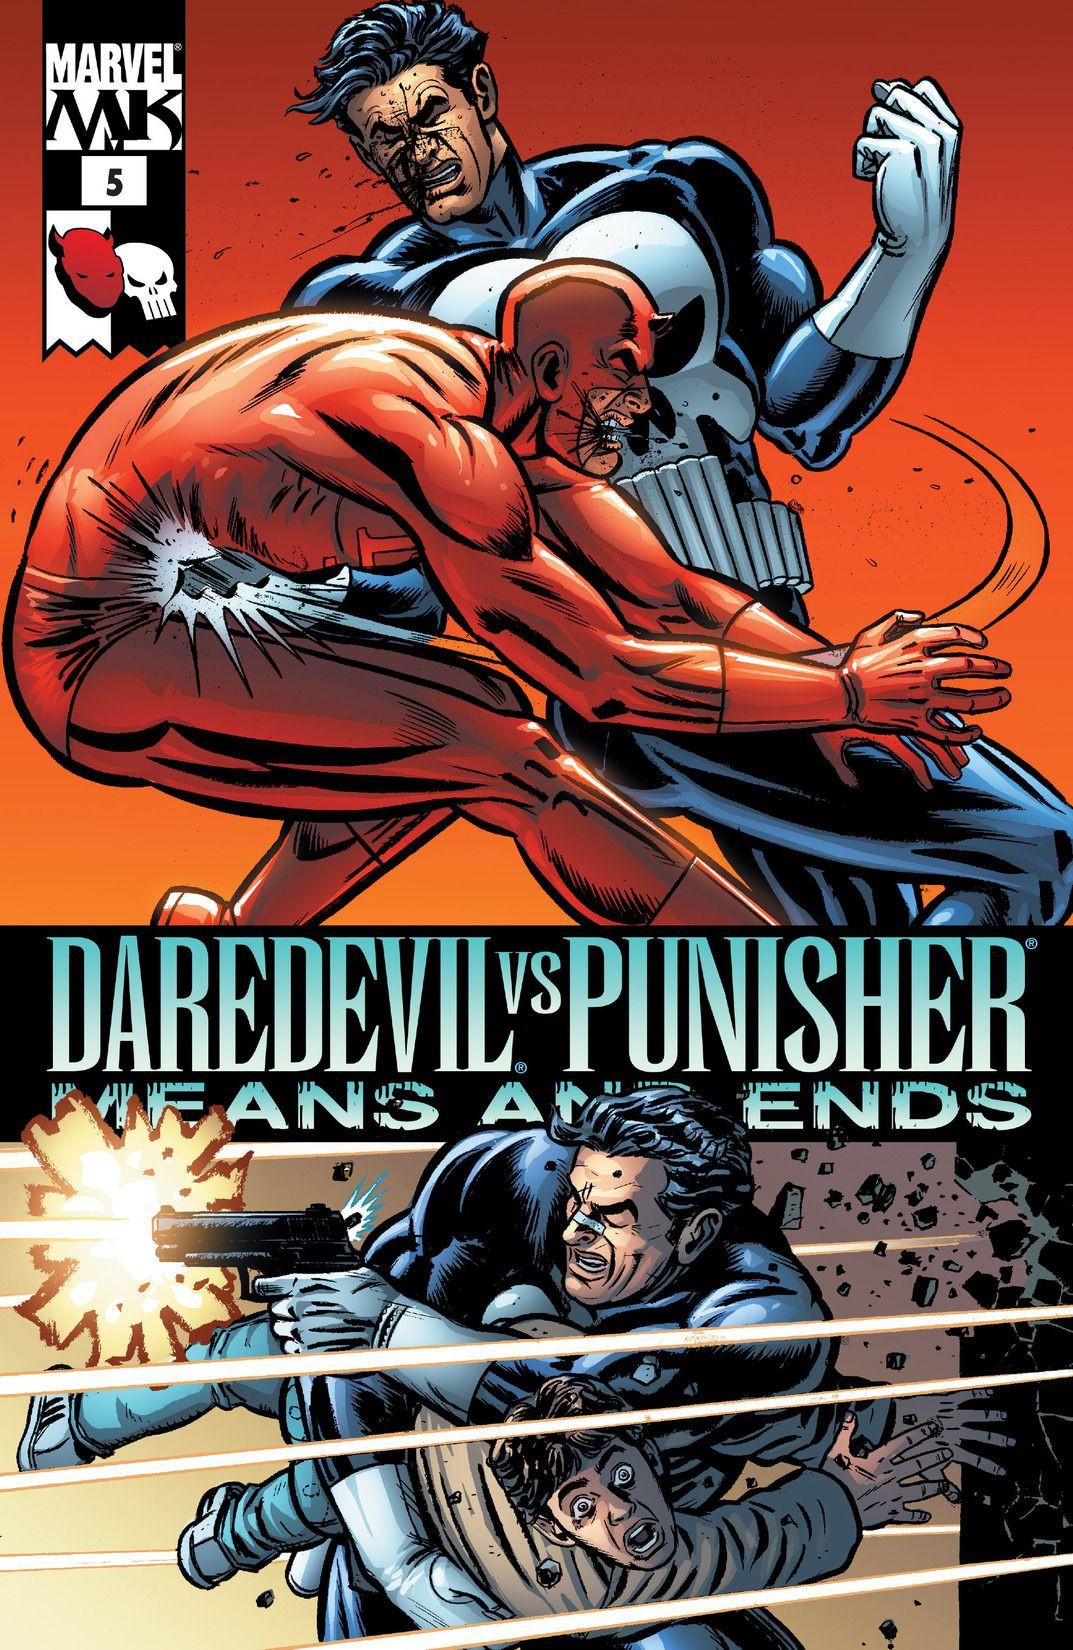 Daredevil vs. Punisher Vol 1 5